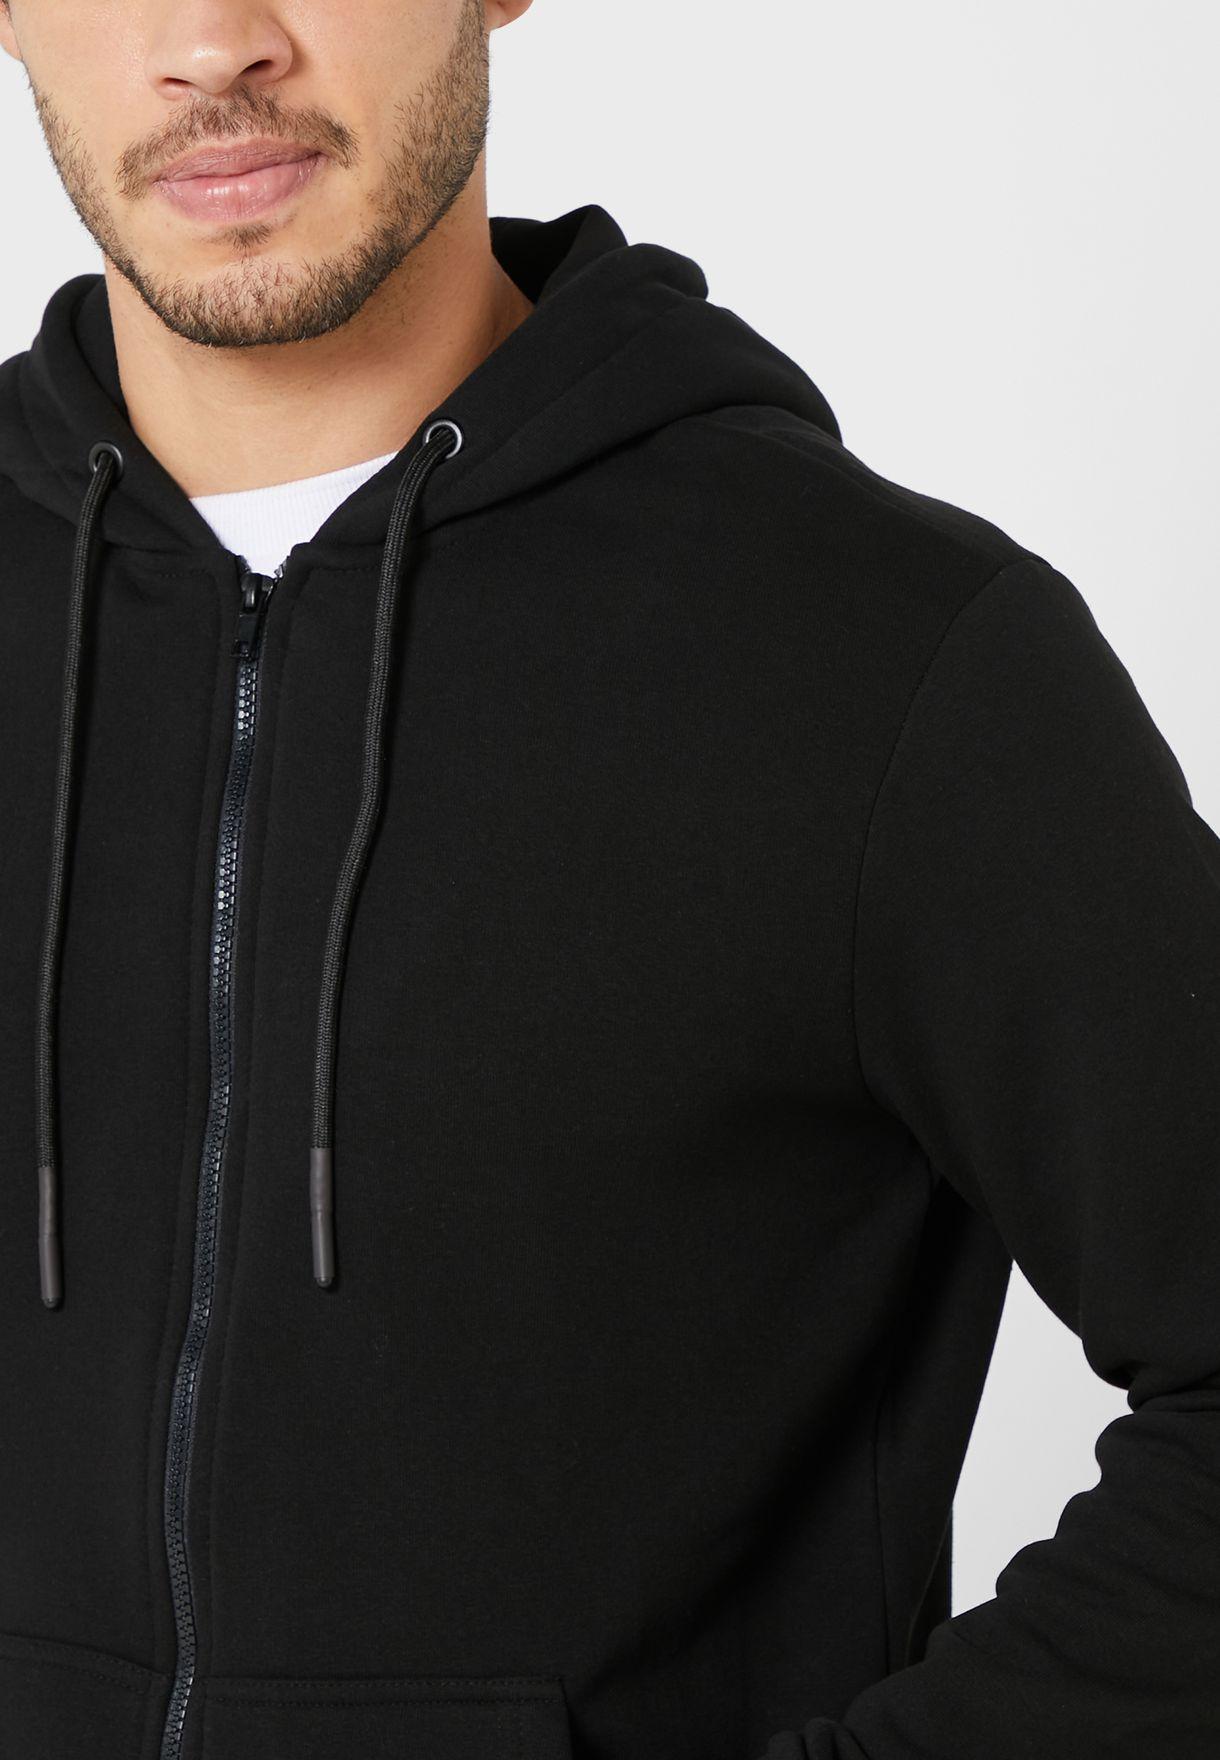 Printed Hoodies Sweatshirt